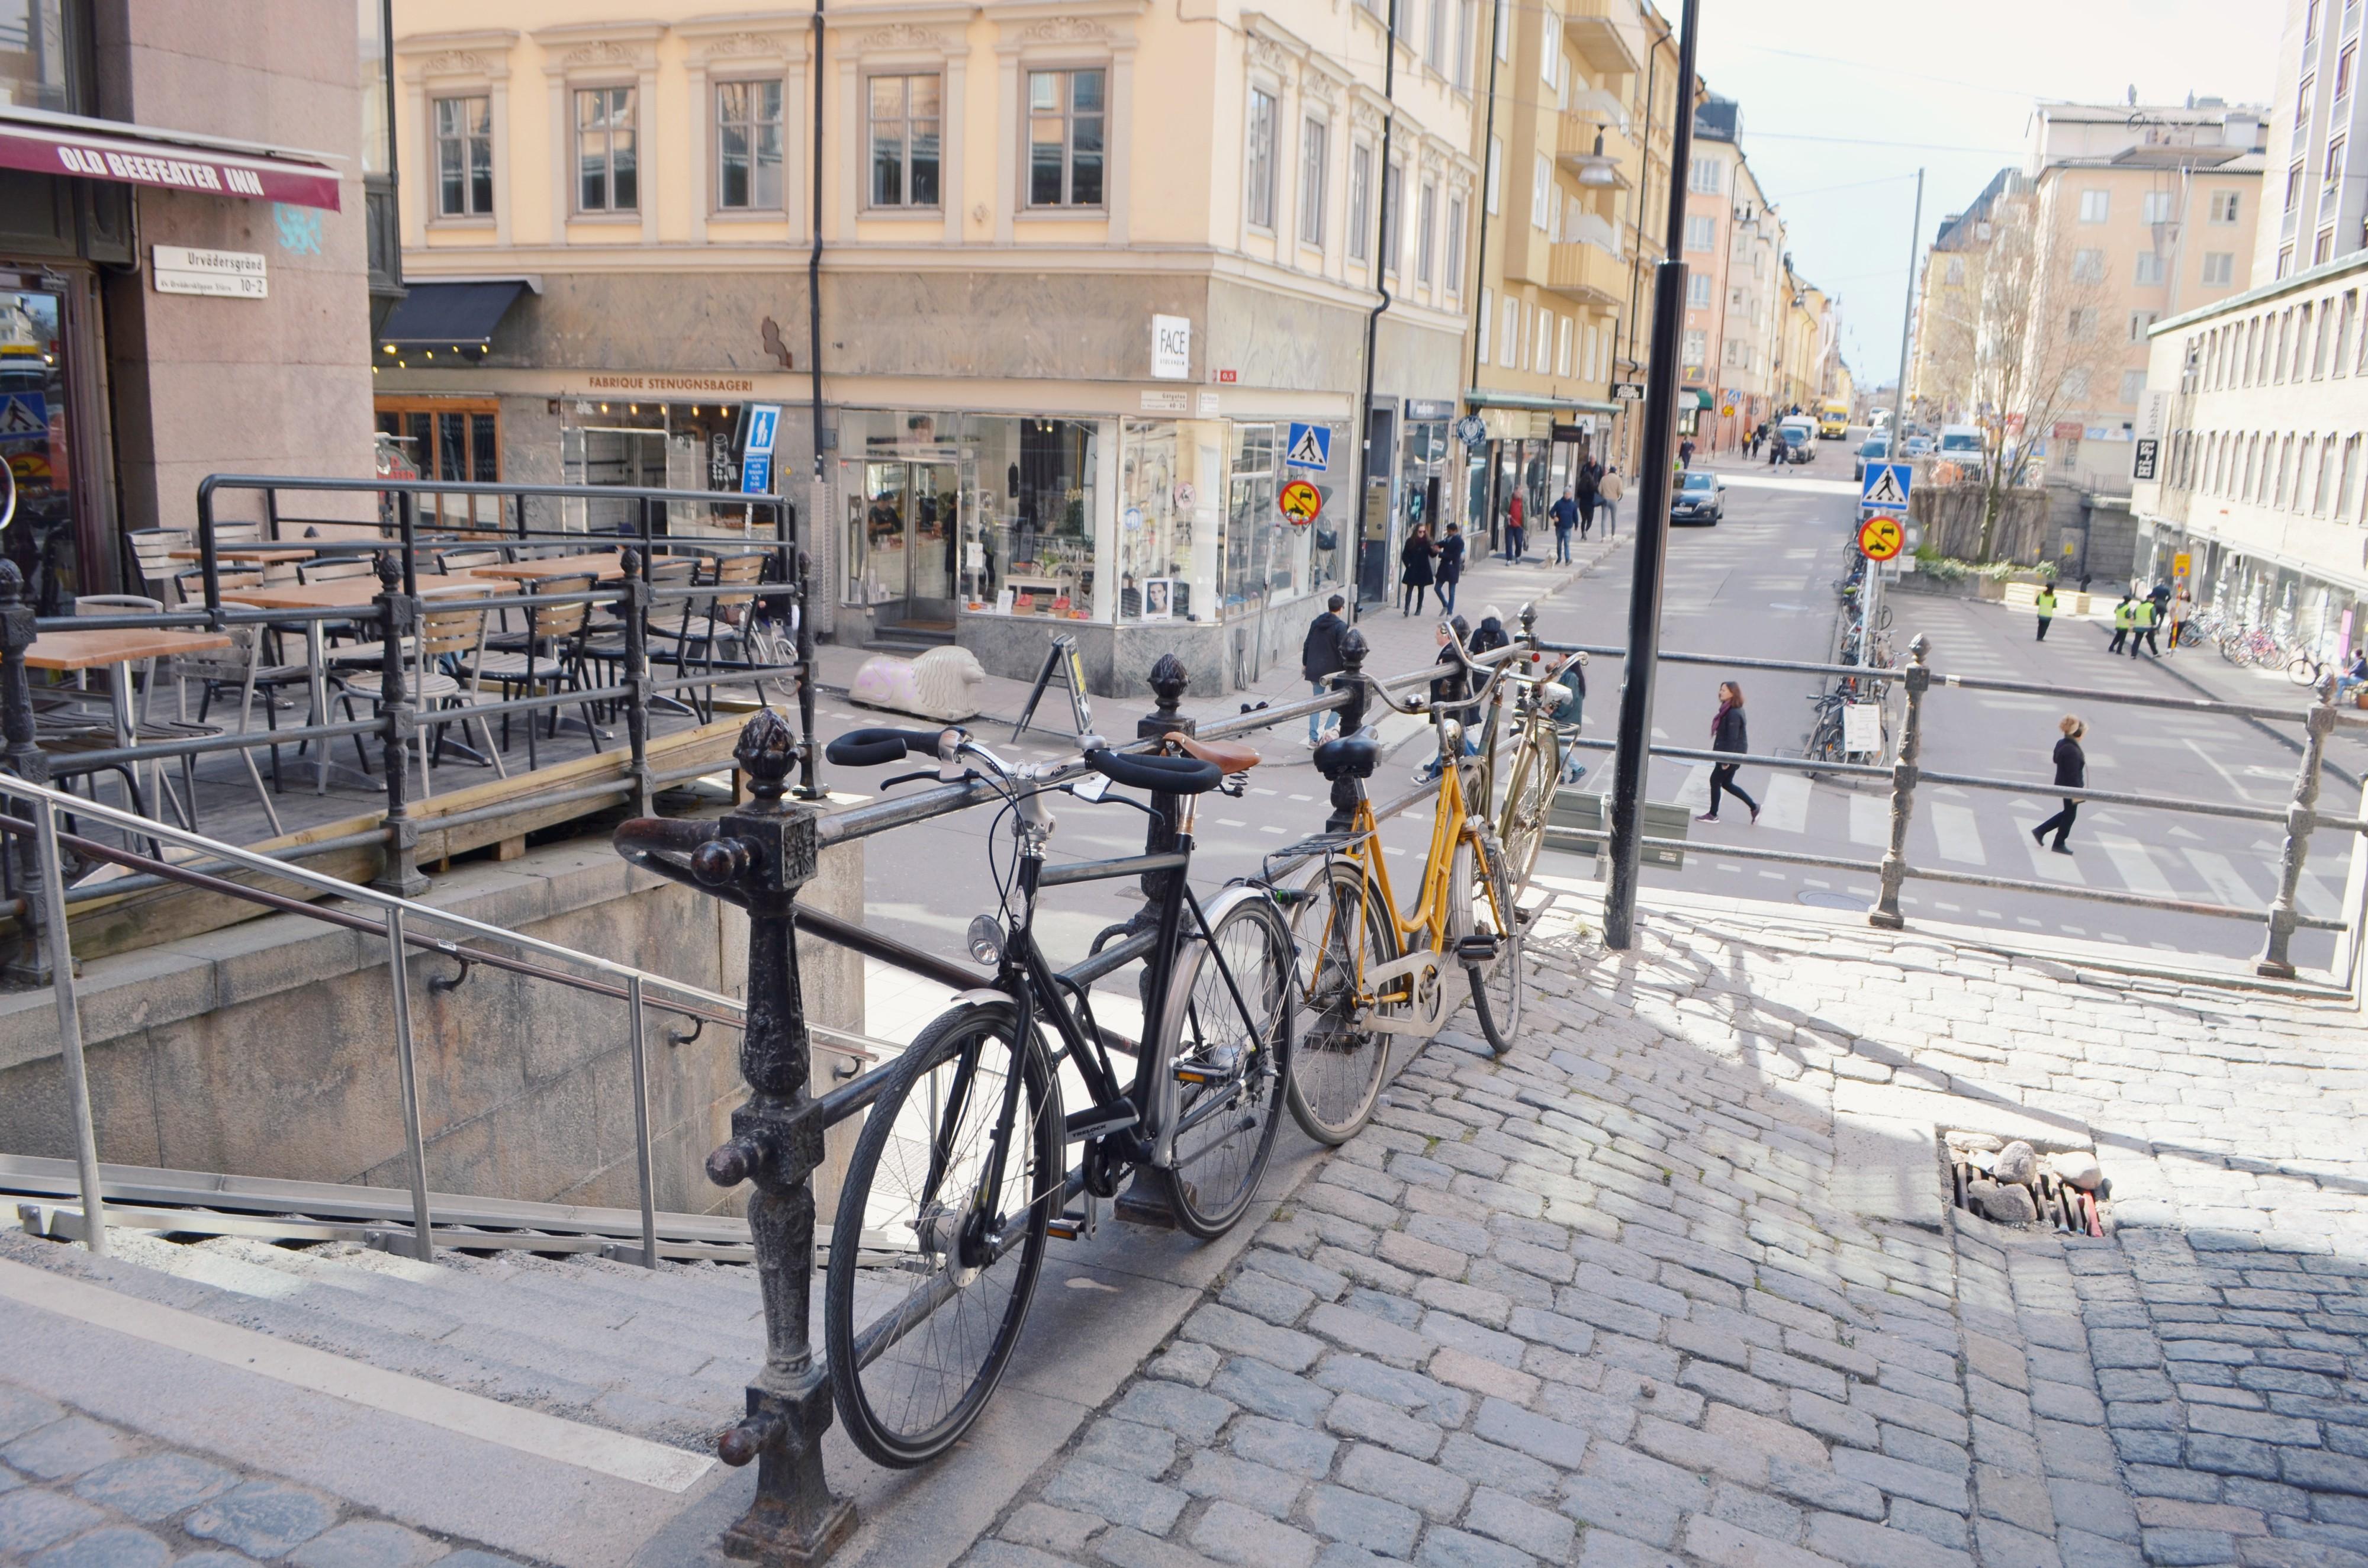 Blog-de-viajes-que-ver-en-estocolmo-suecia-ChicAdicta-blog-de-moda-Chic-Adicta-influencer-hipster-style-PiensaenChic-Piensa-en-Chic